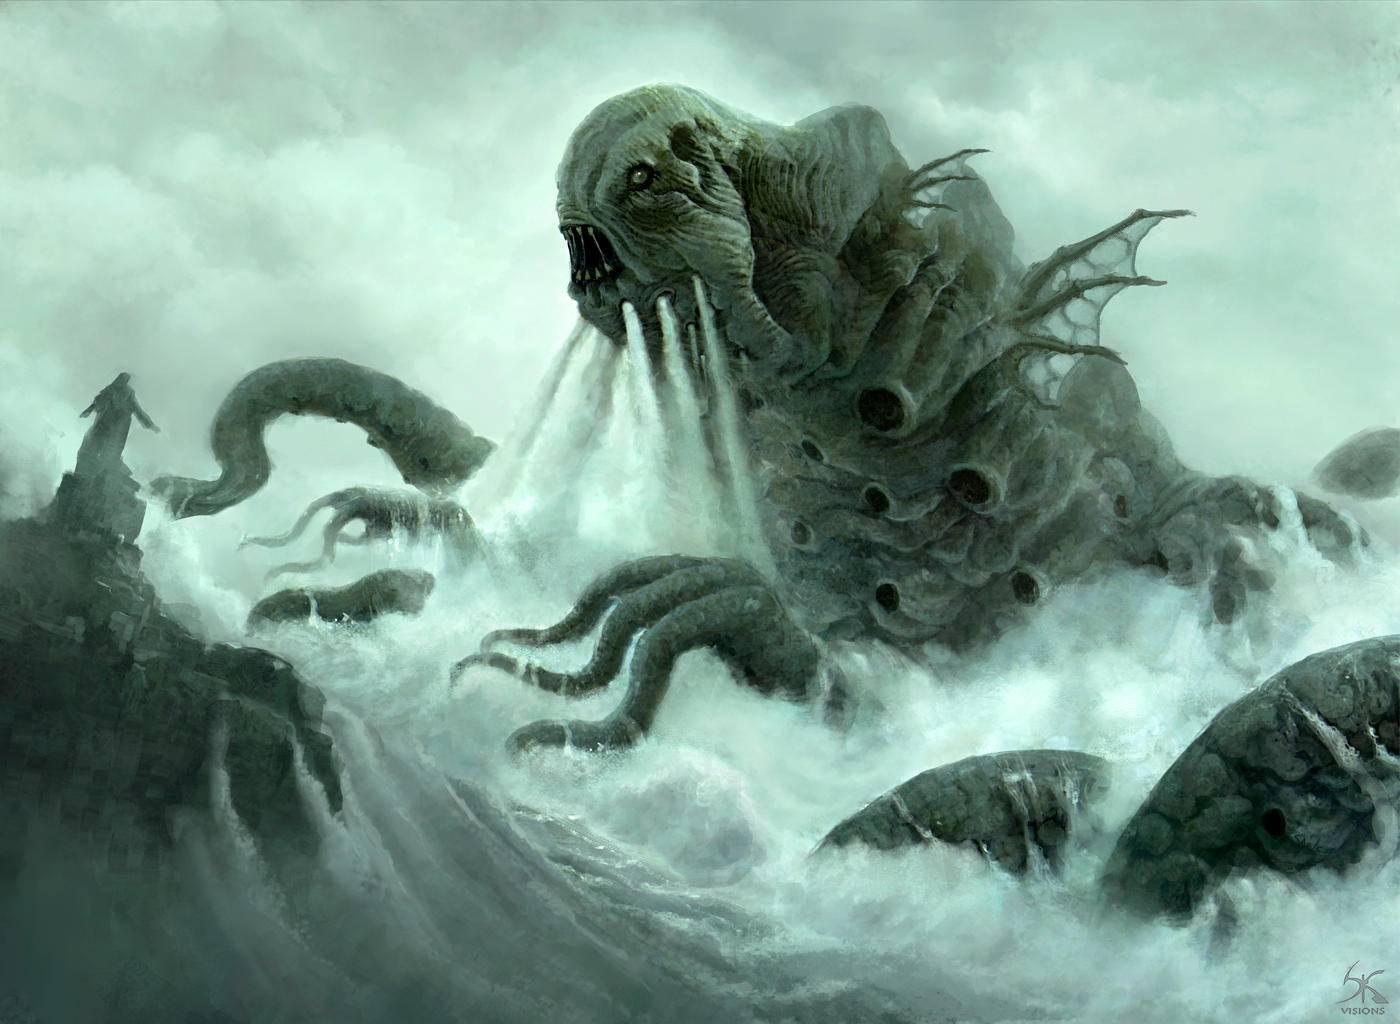 Кто такой левиафан? морское чудовище или нечто большее...